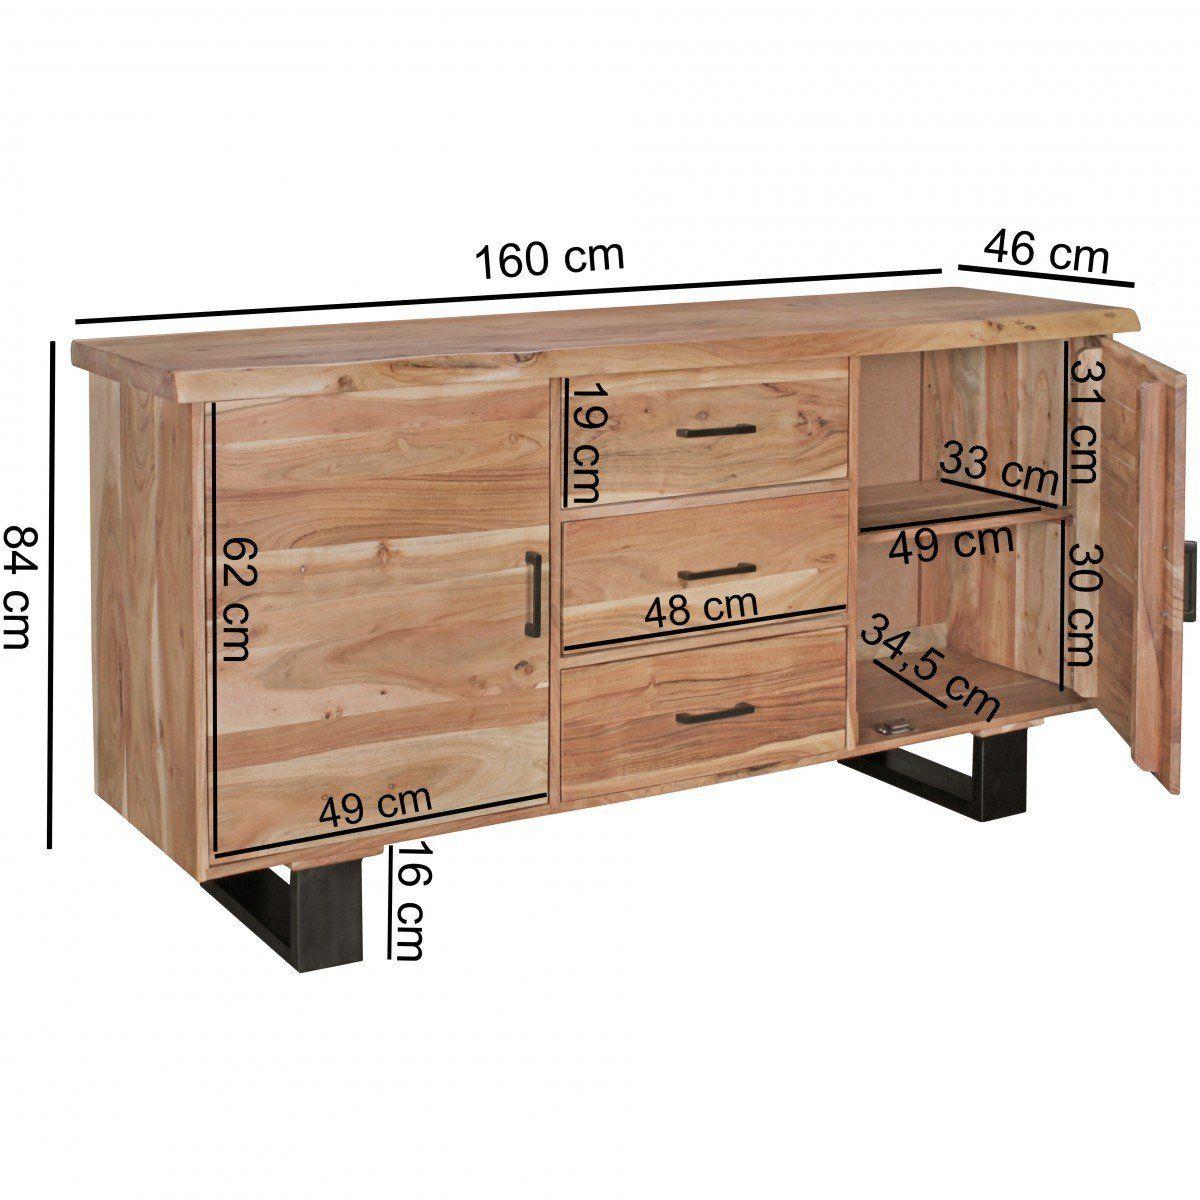 Full Size of Sideboard Küche Eiche Anrichte Küche 30 Cm Sideboard Küche Tiefe 50 Cm Sideboard Küche Schmal Küche Anrichte Küche